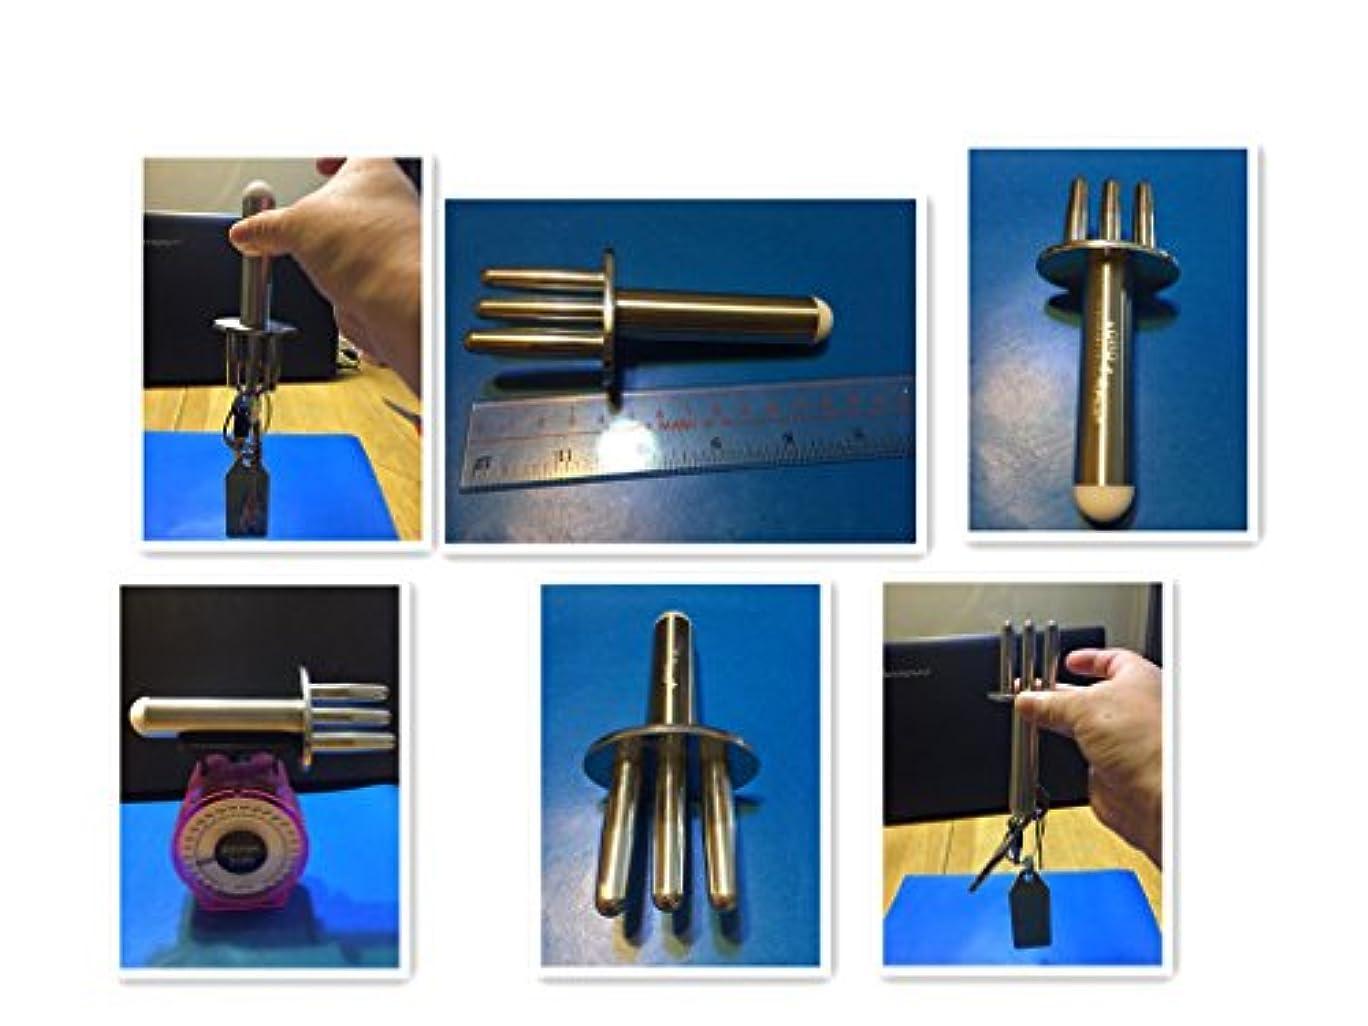 虹シャトル病弱顔ボディ排酸術マサッジ小さな排酸棒マッサジ棒磁力マッサジ棒Echo & Kern はいさんじゅつ、陰極磁力排酸棒北極磁気マッサジ棒、磁気棒、ツボ押し棒 磁気 マッサージ棒 指圧棒 磁力がコリに直接当たる排酸術 …